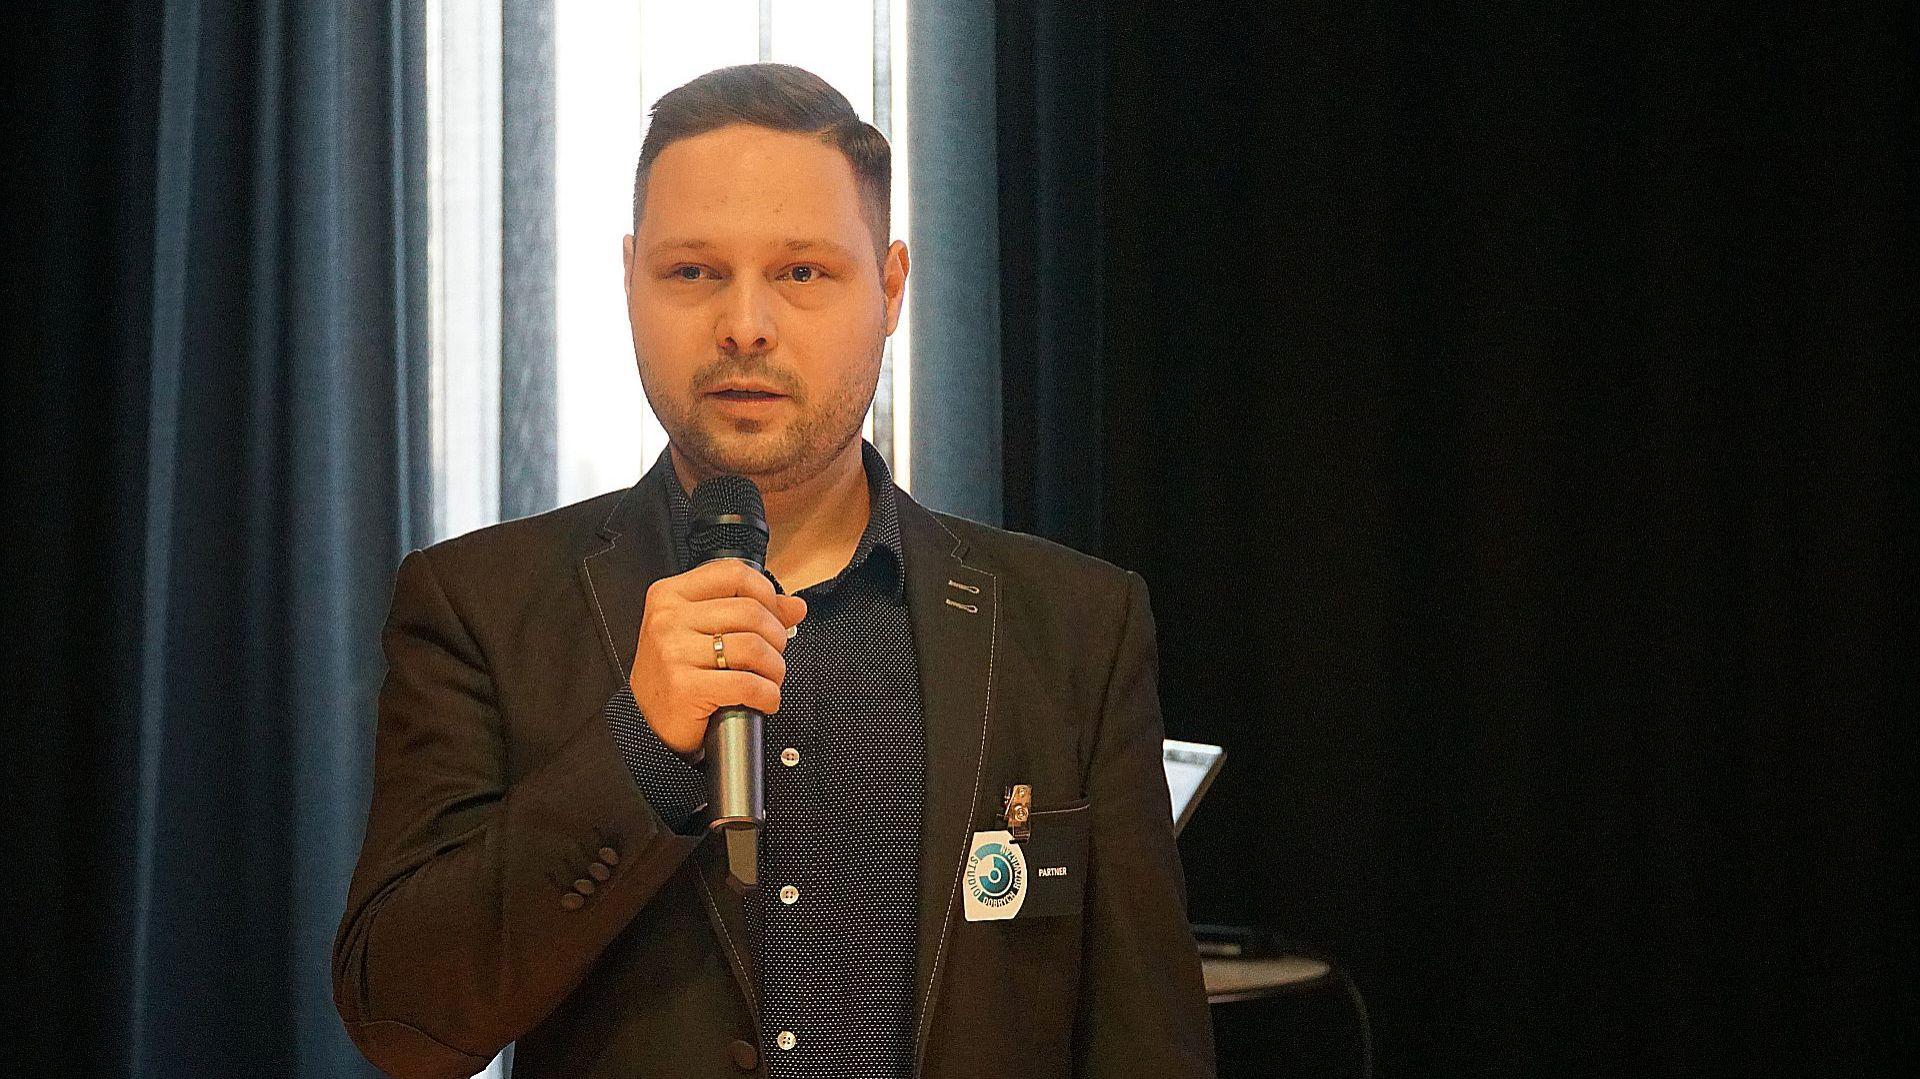 Piotr Wychowaniec, Cersanit